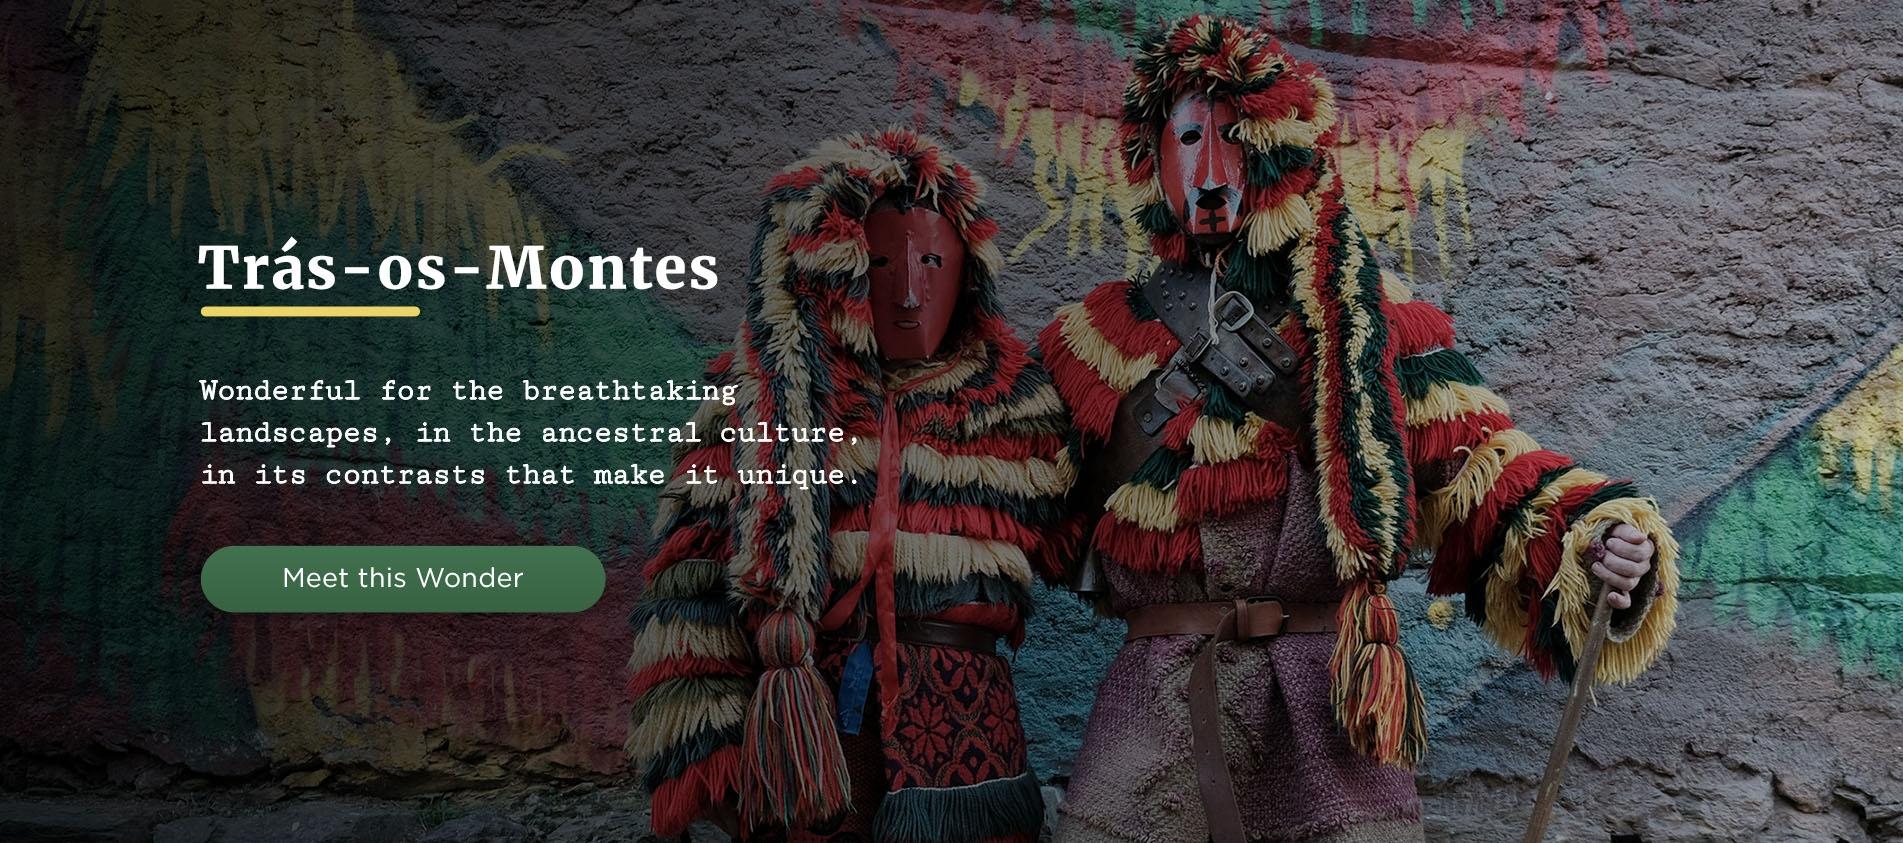 Culture of Trás-os-Montes - Meirinho Biológico